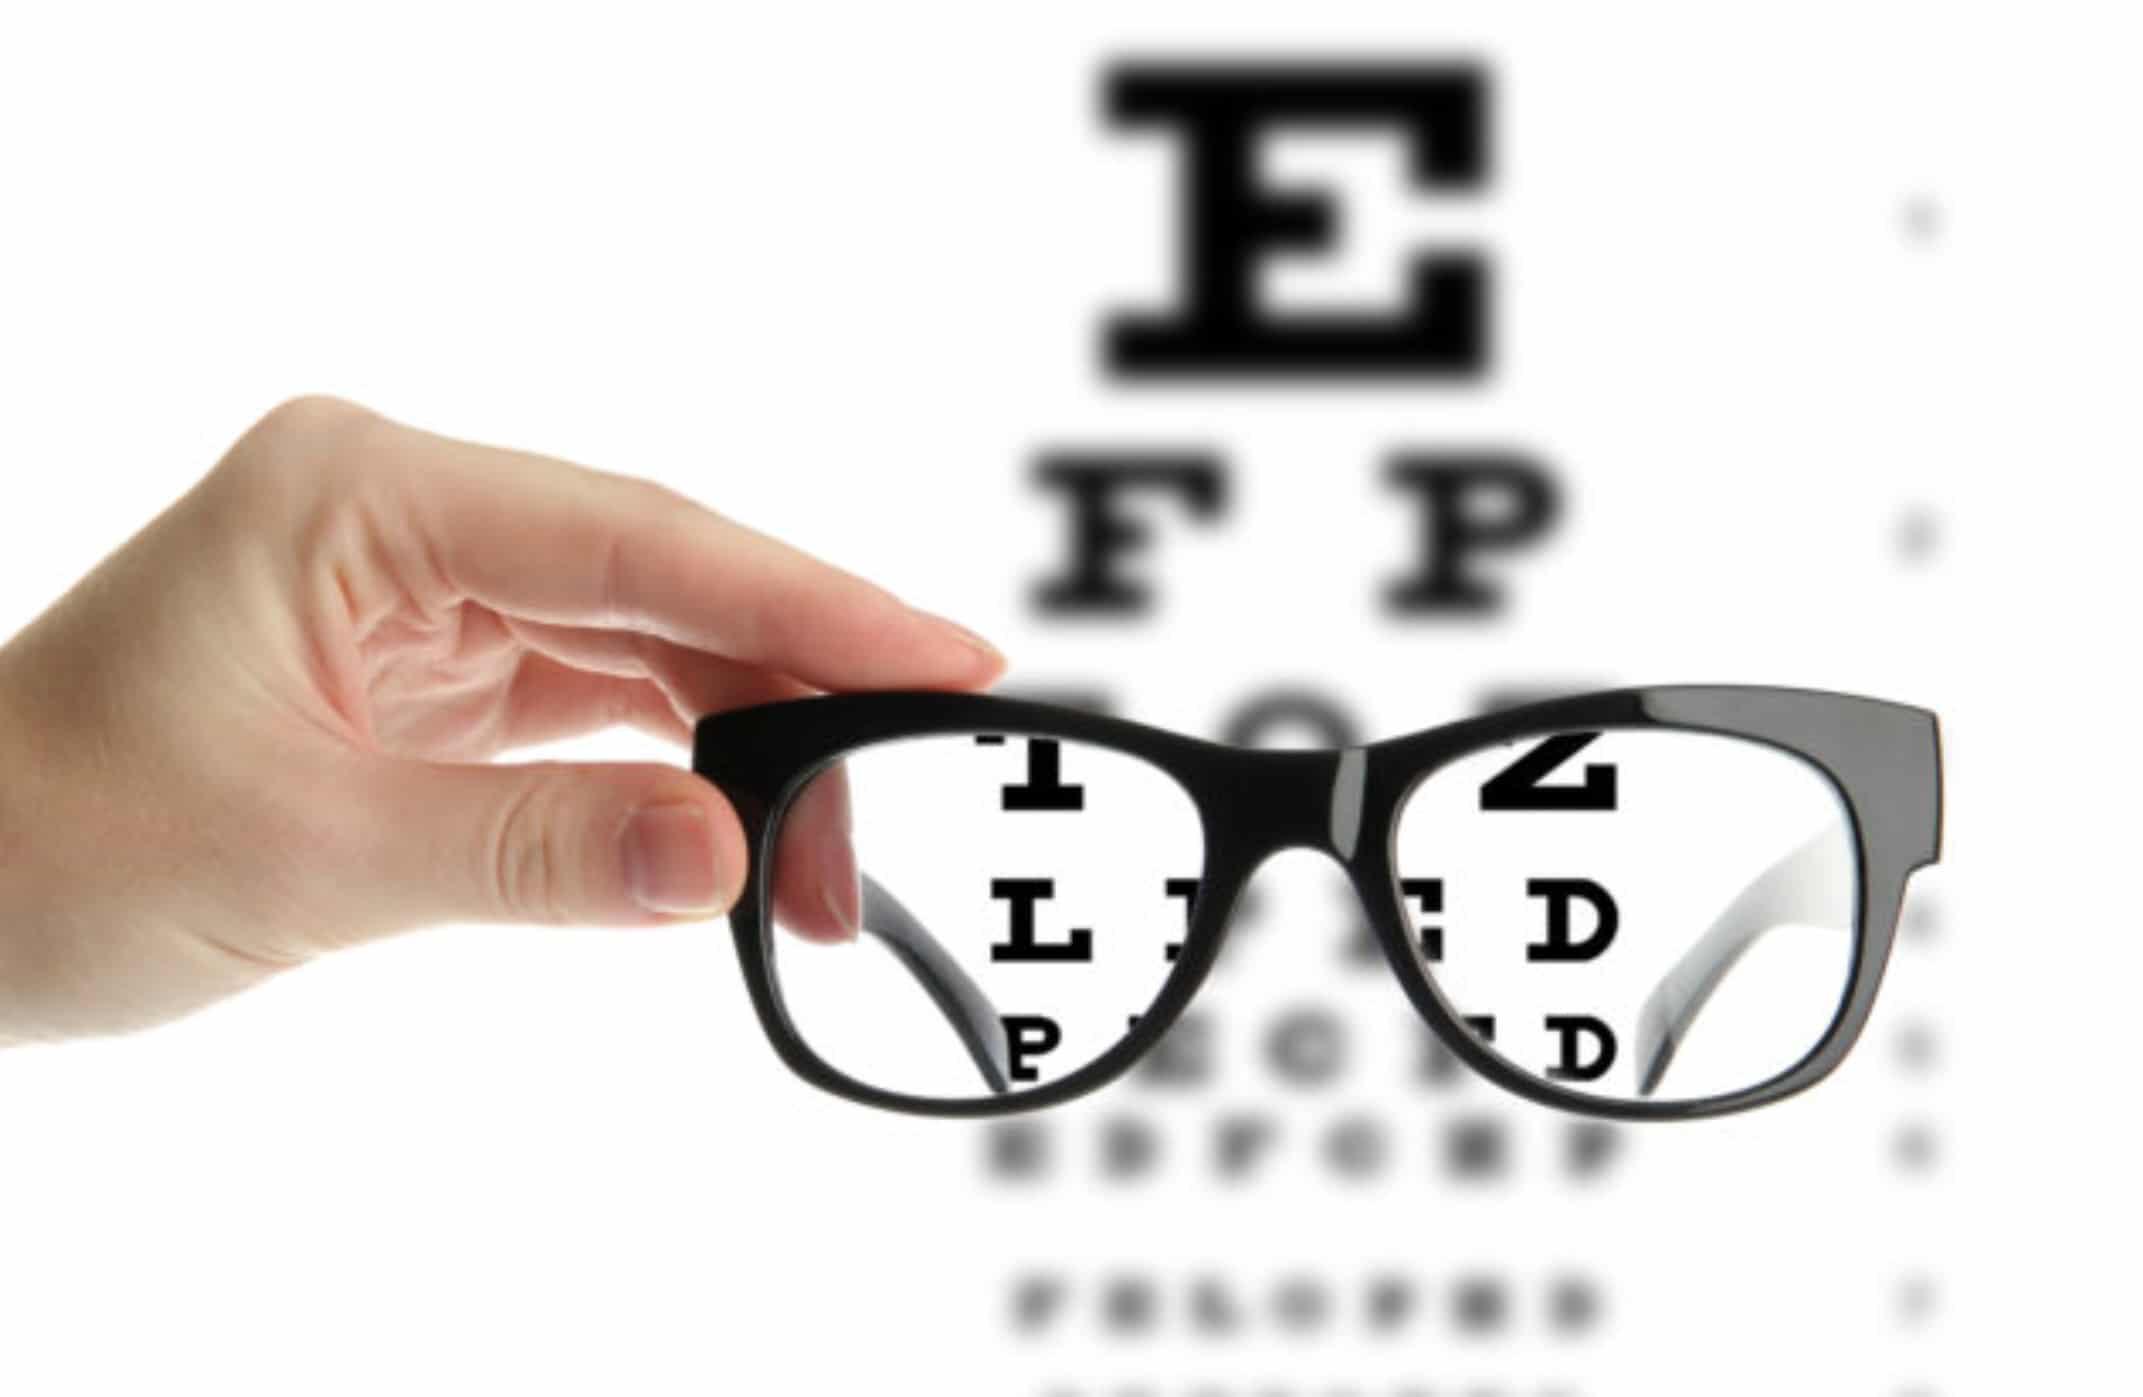 cf784d962a Αυλαία για γυαλιά χωρίς προπληρωμή στους ασφαλισμένους του ΕΟΠΥΥ ...